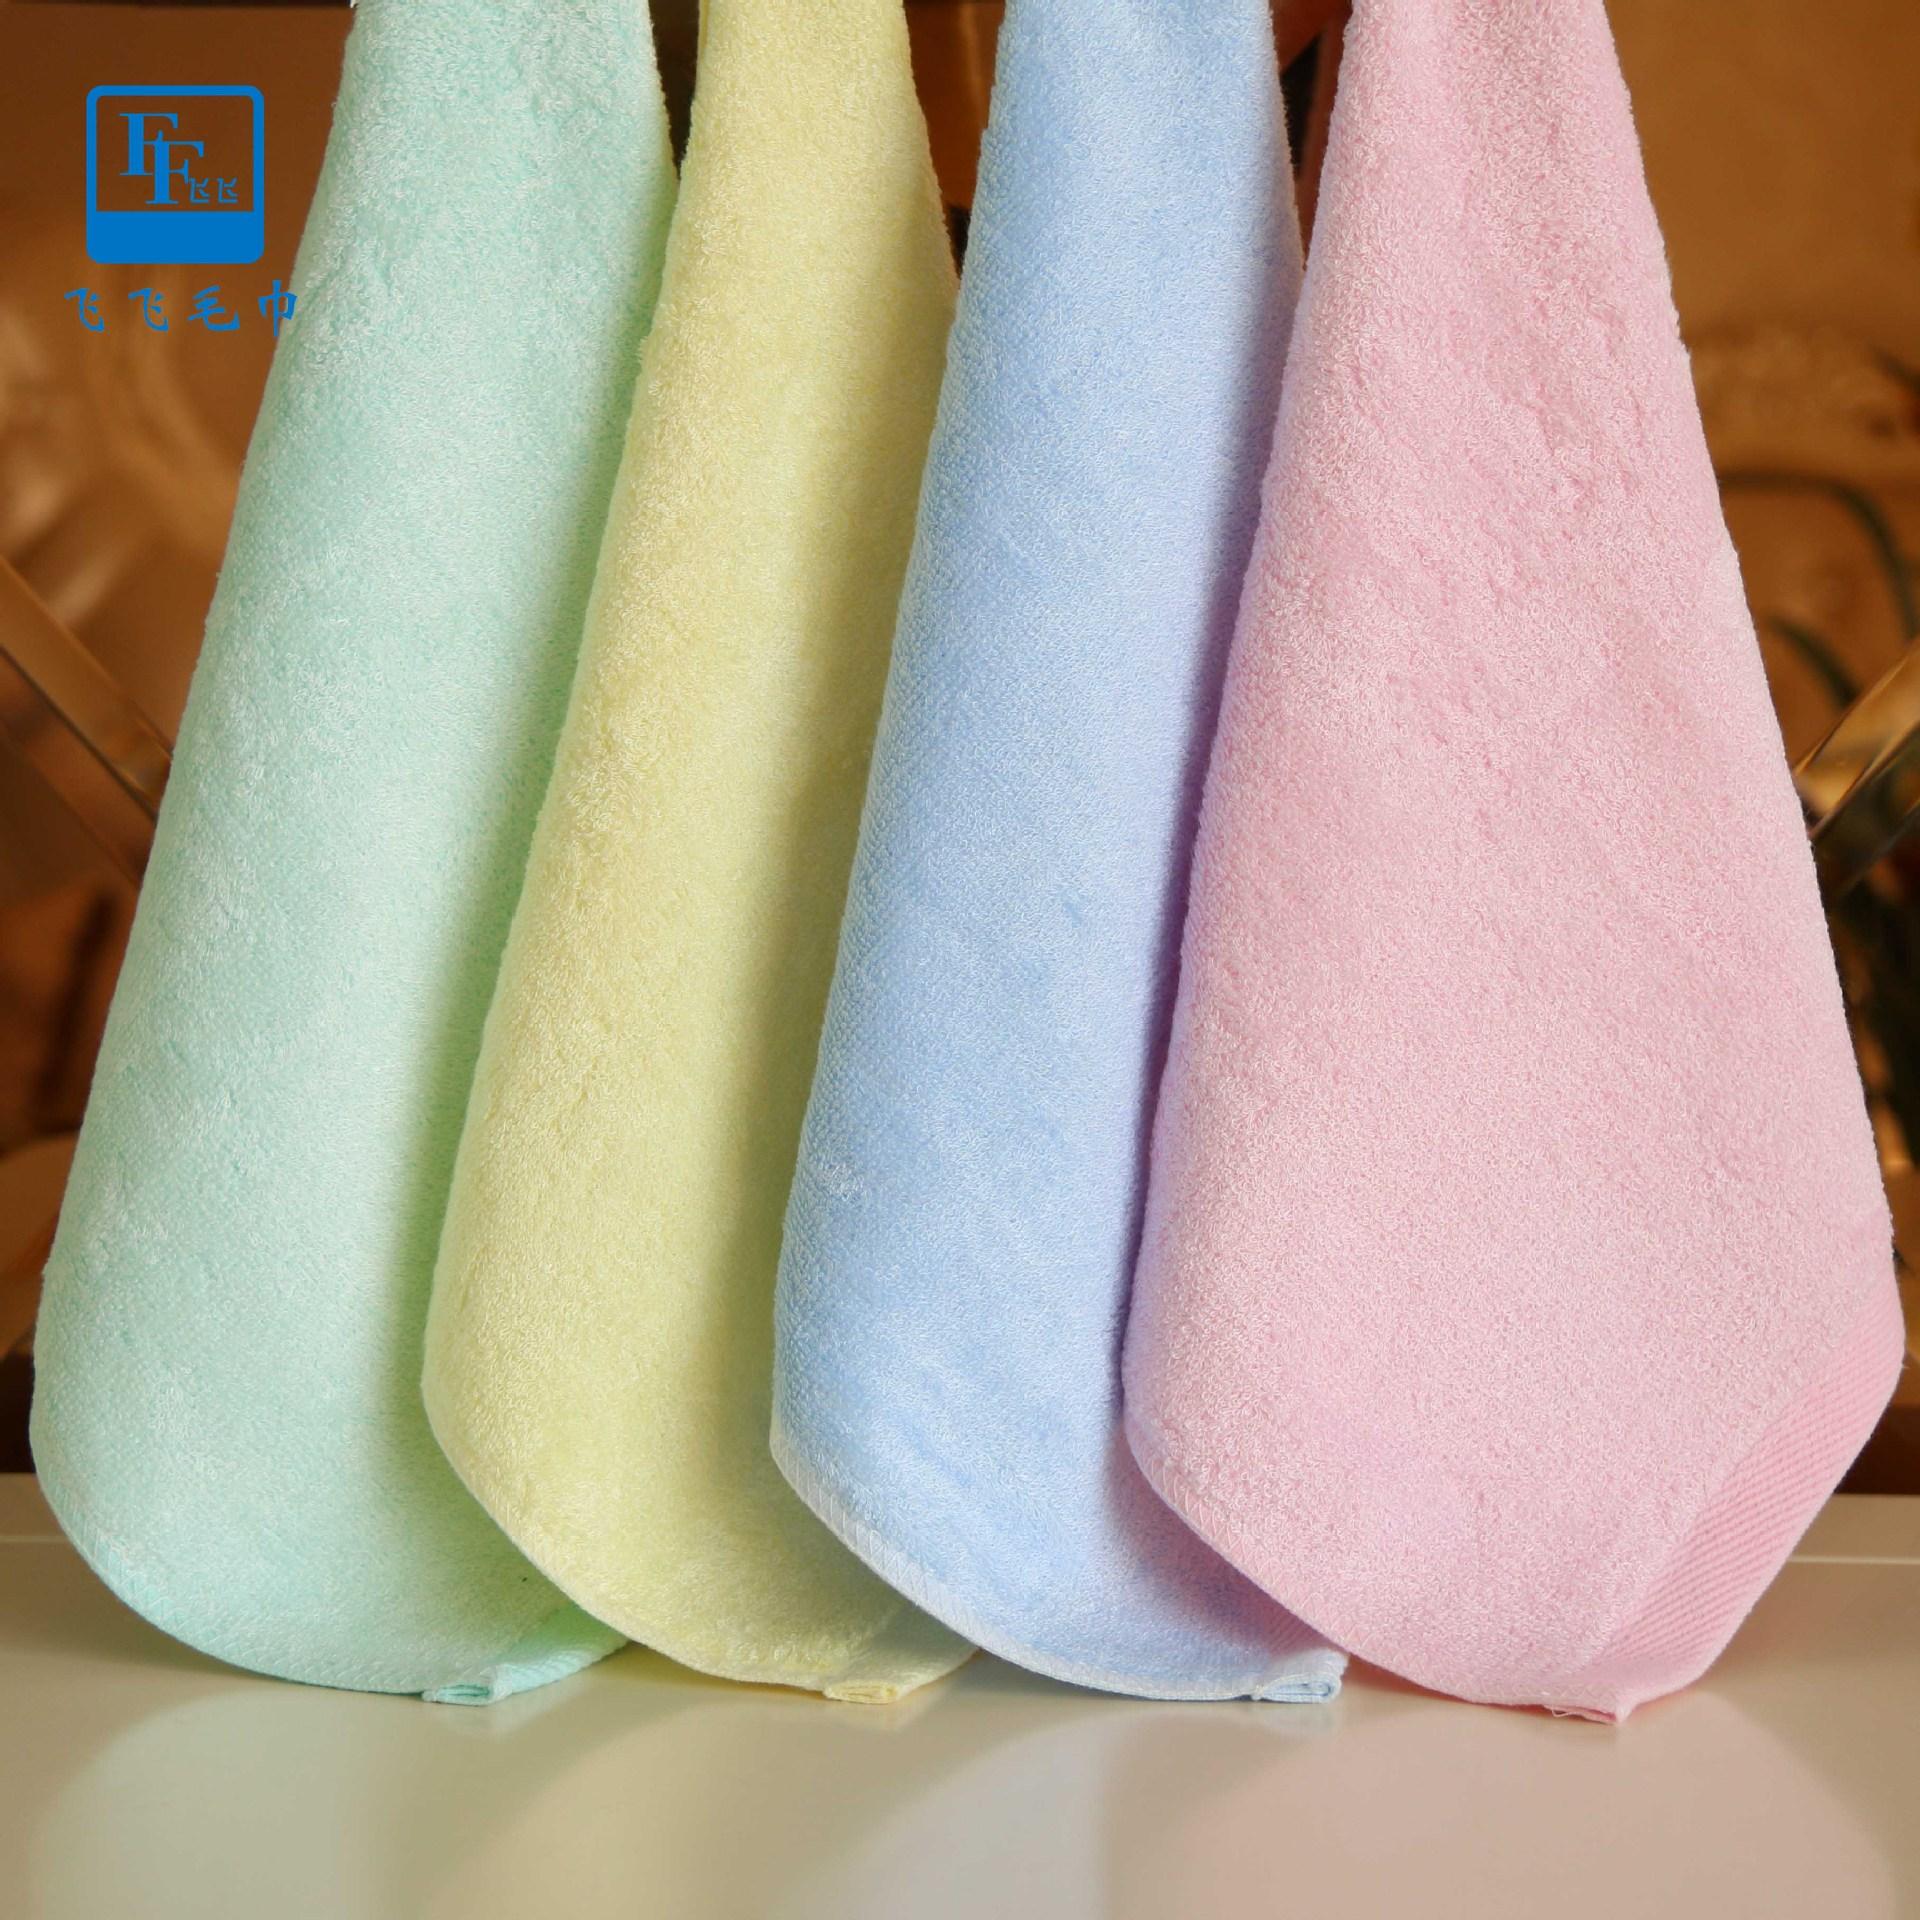 竹纤维方巾30*30蓝色竹节纱幼儿园宝宝小手帕素色平织通用小毛巾